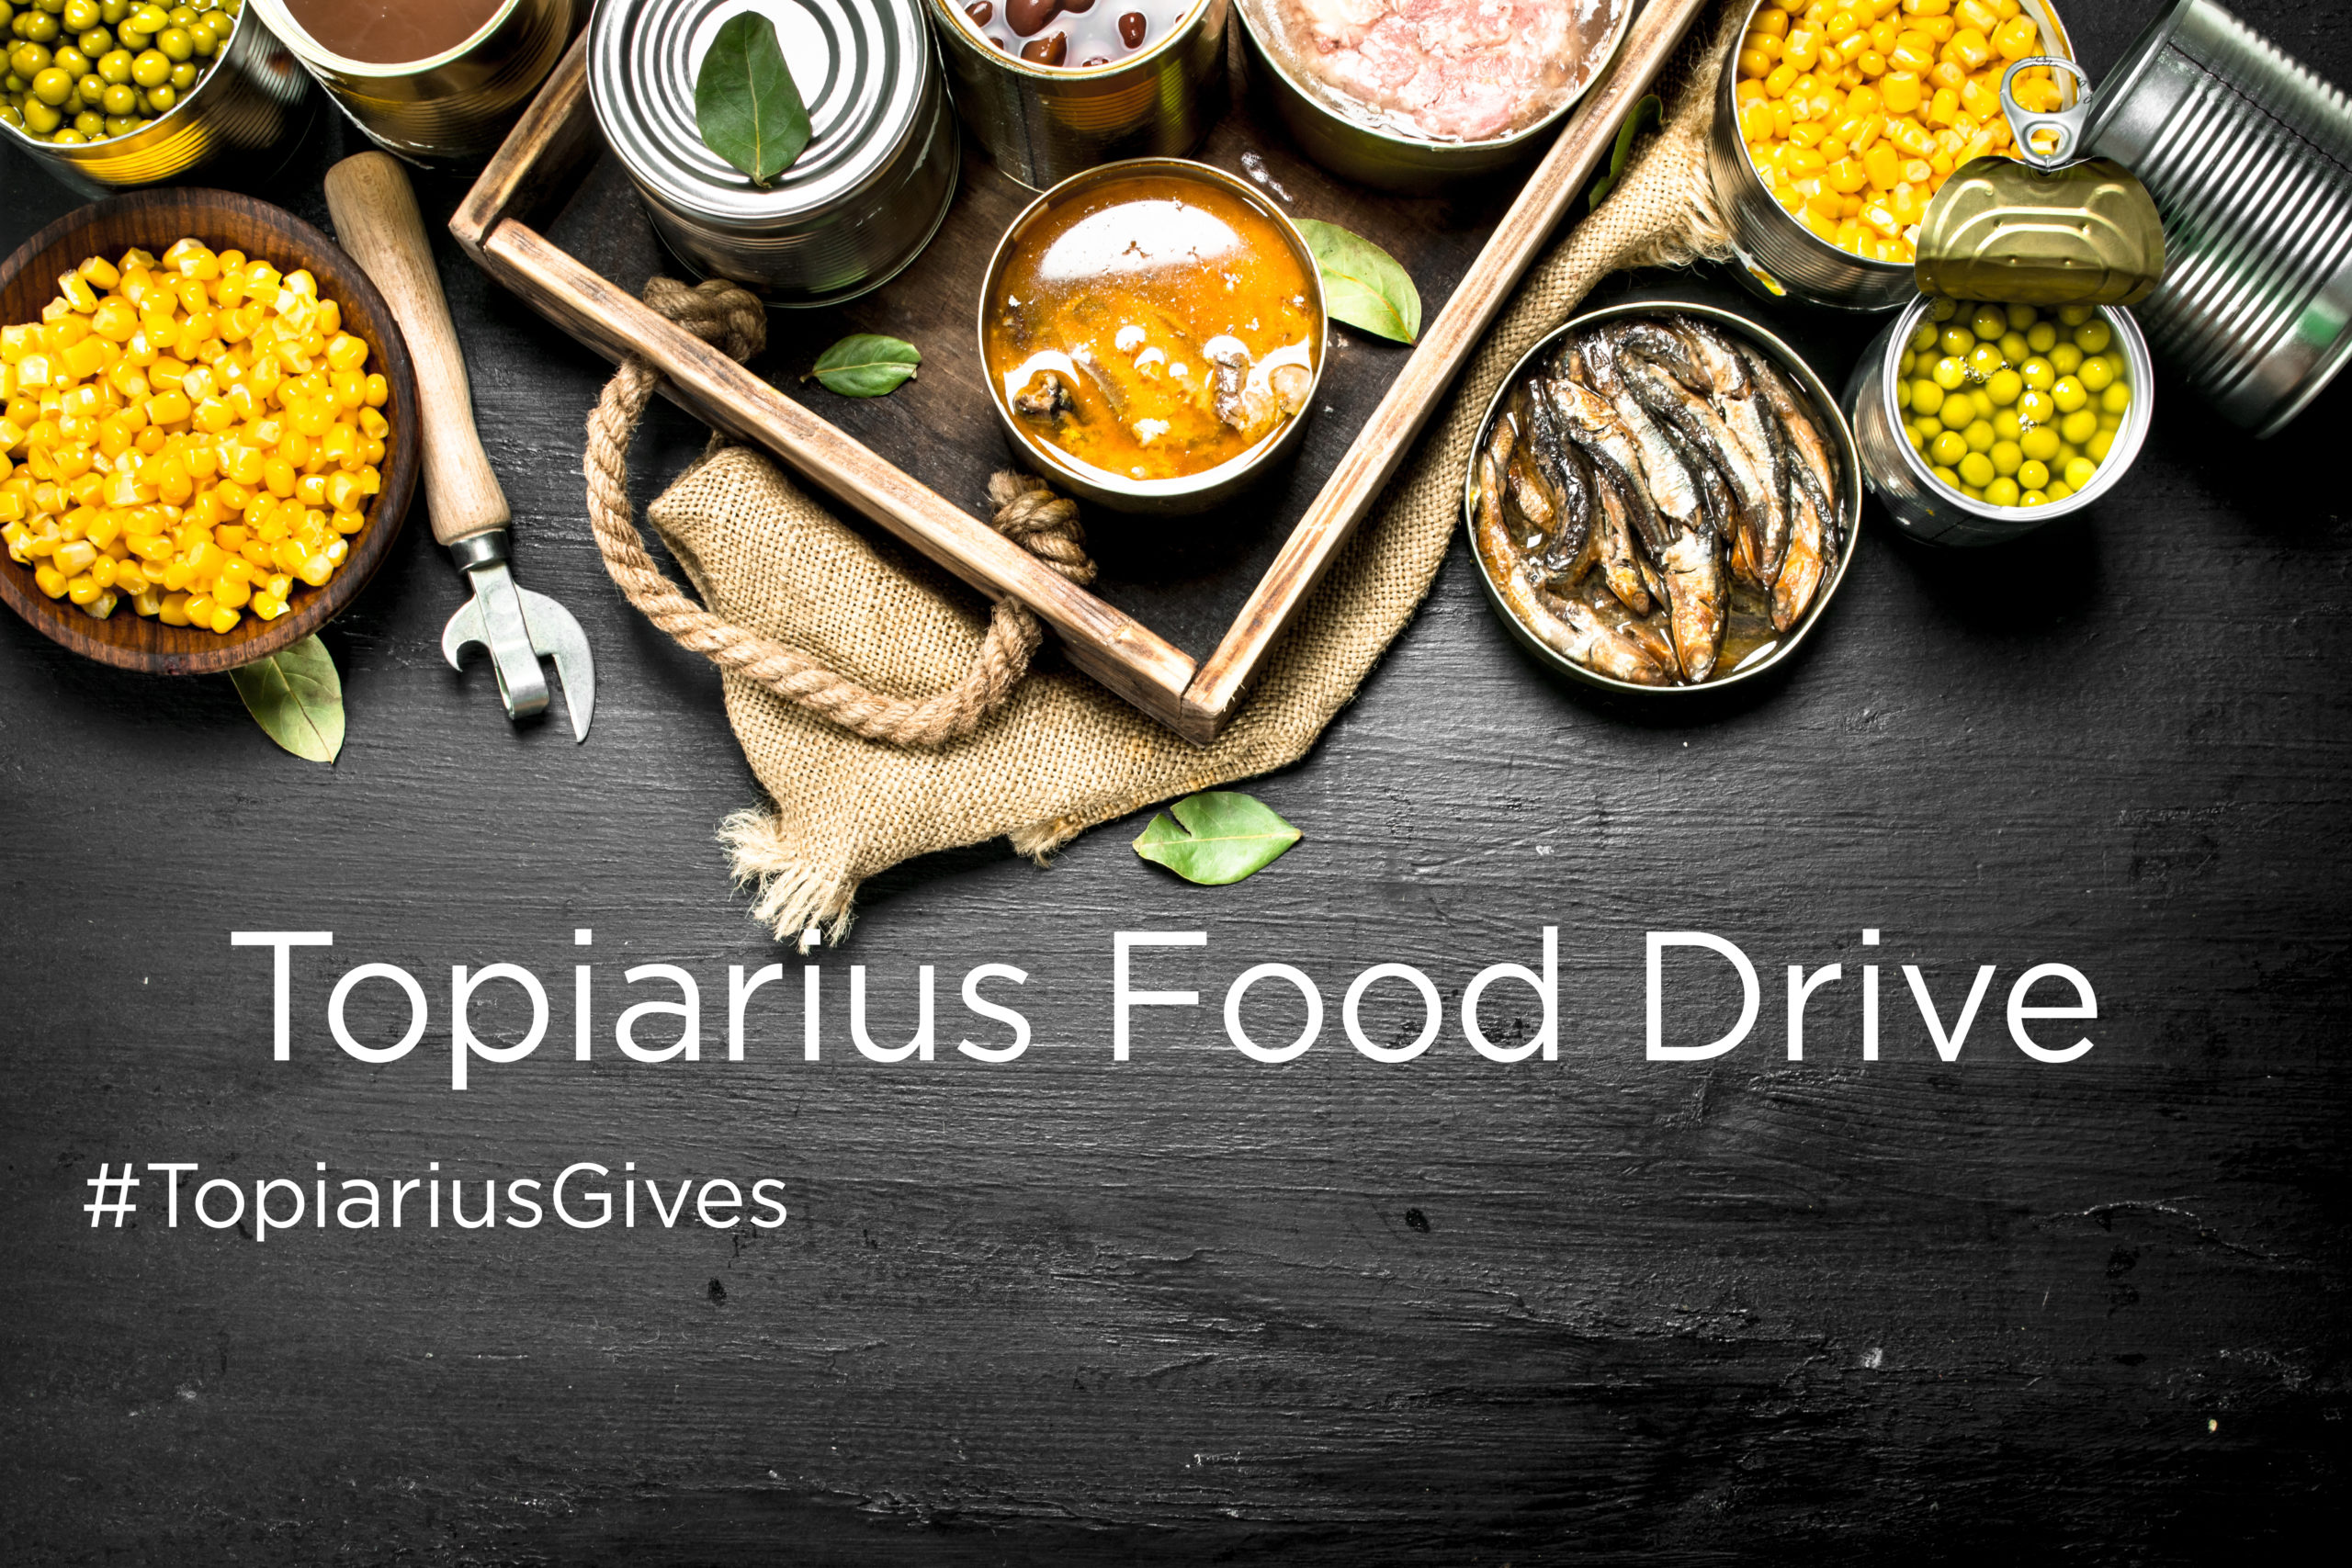 Topiarius Food Drive